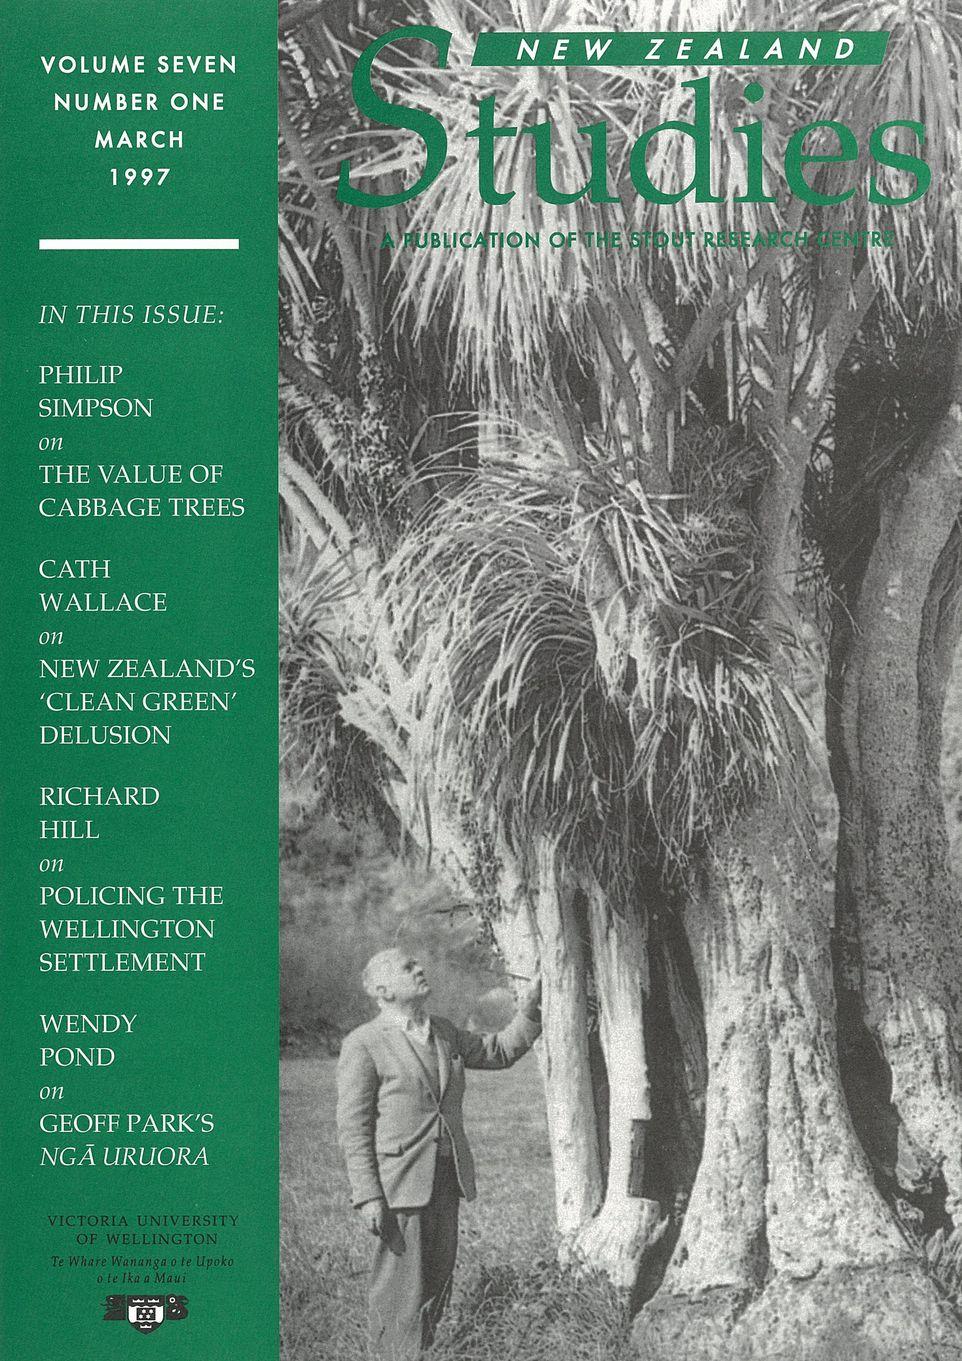 New Zealand Studies 1997 Vol.7 No.1